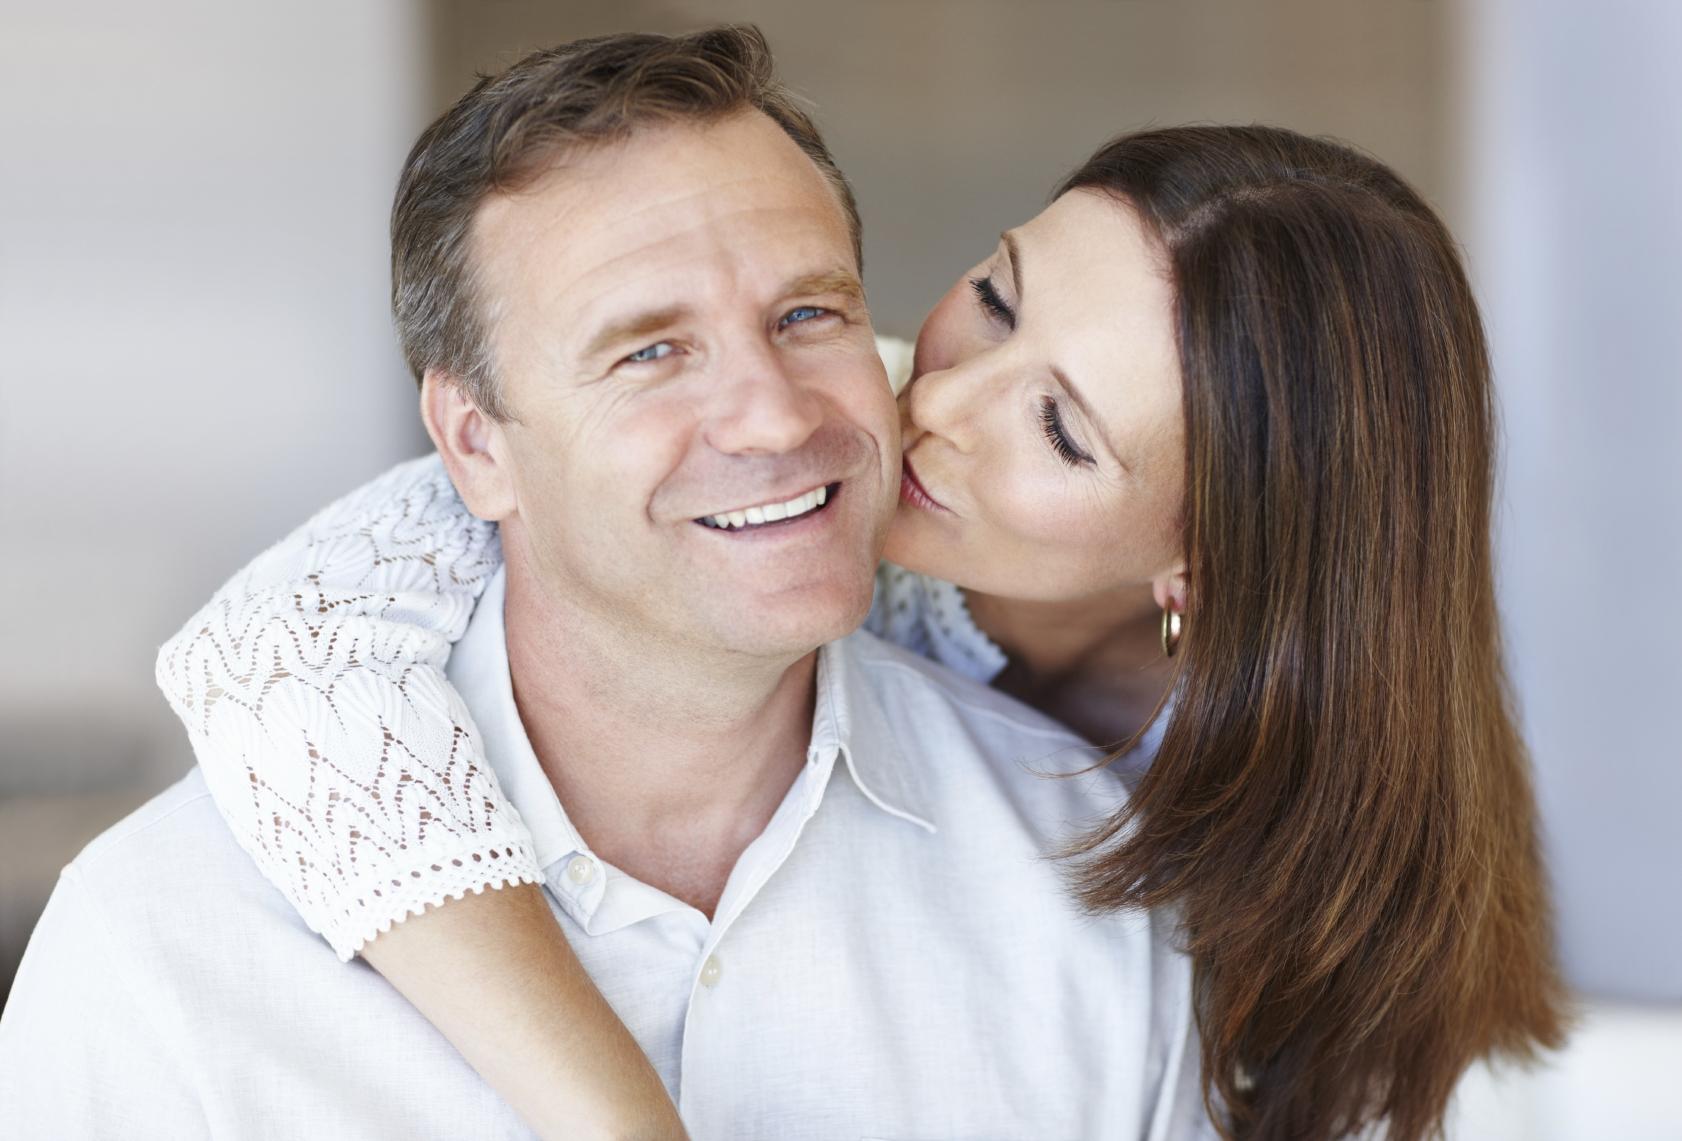 Психологи назвали 5 признаков по-настоящему влюбленного мужчины